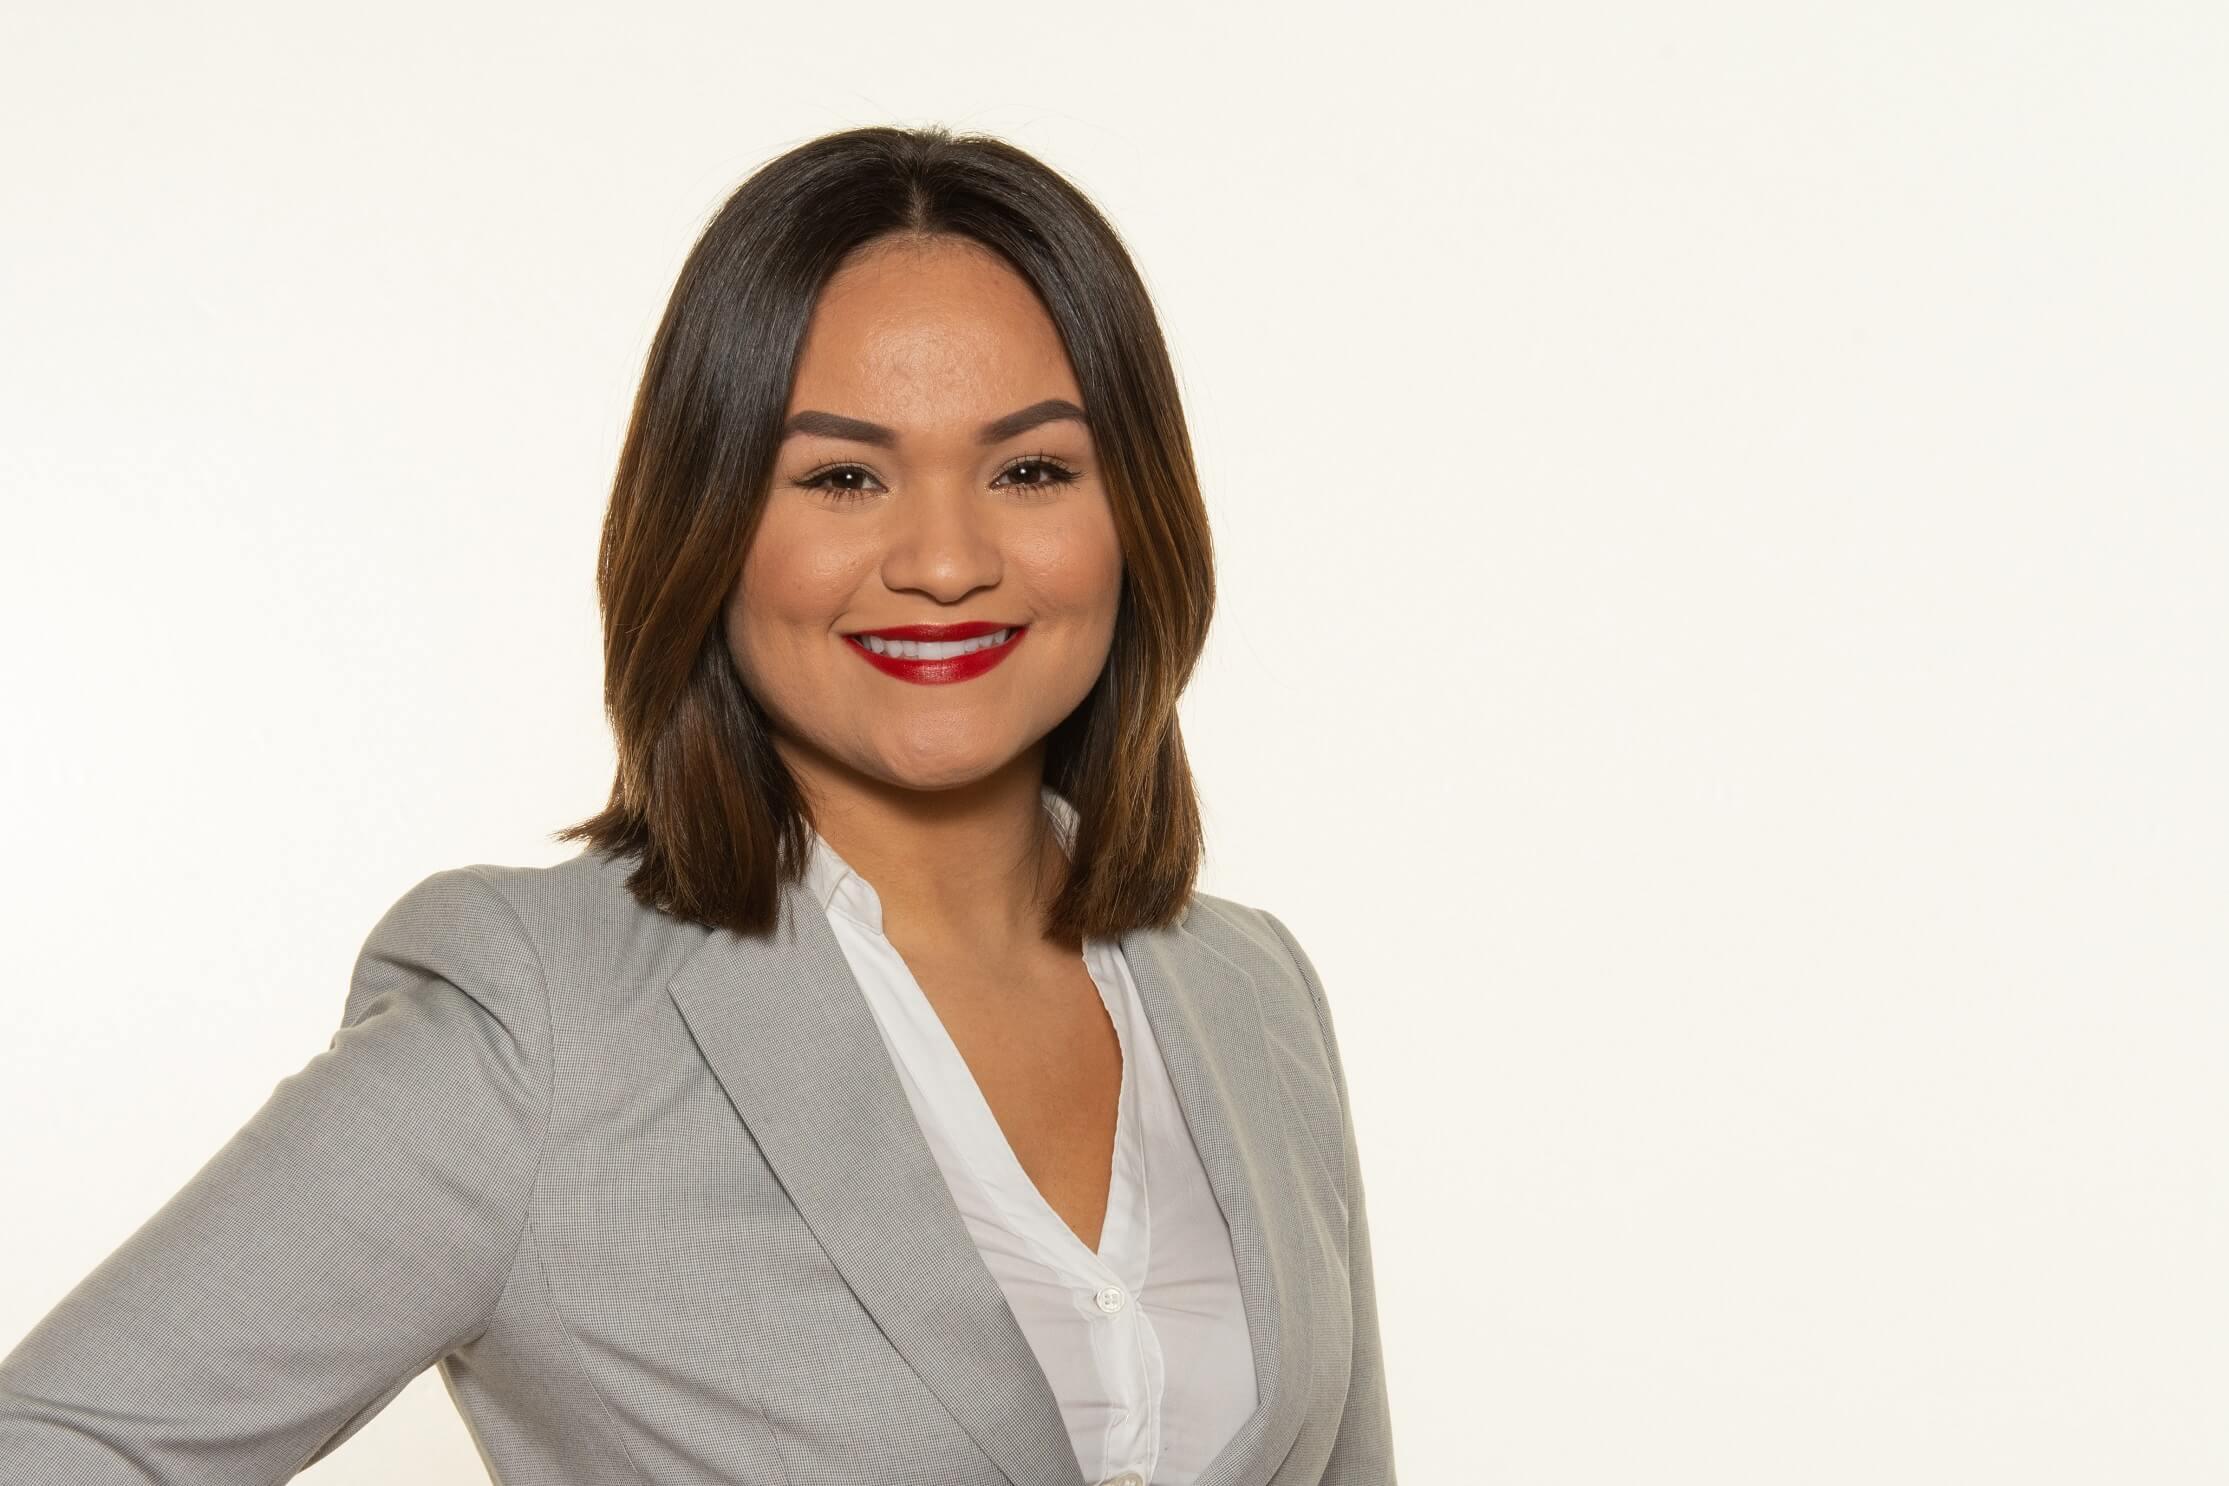 Ms. Bras-Gonzalez